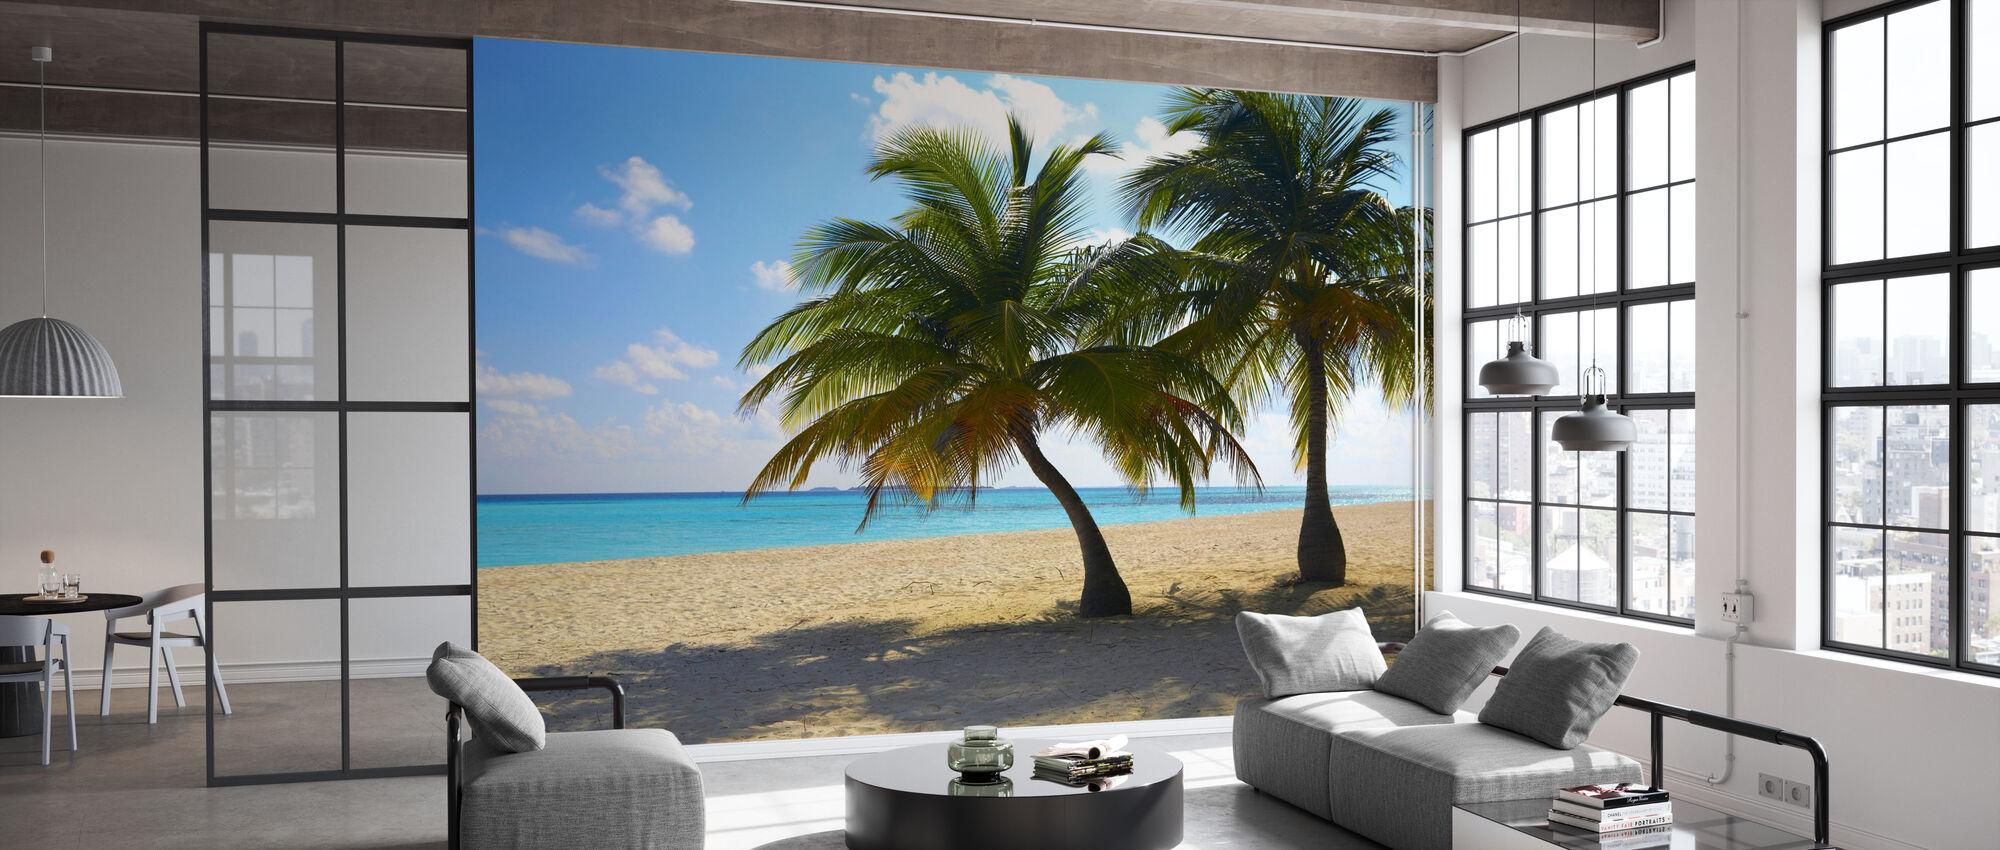 Maldives - Wallpaper - Office